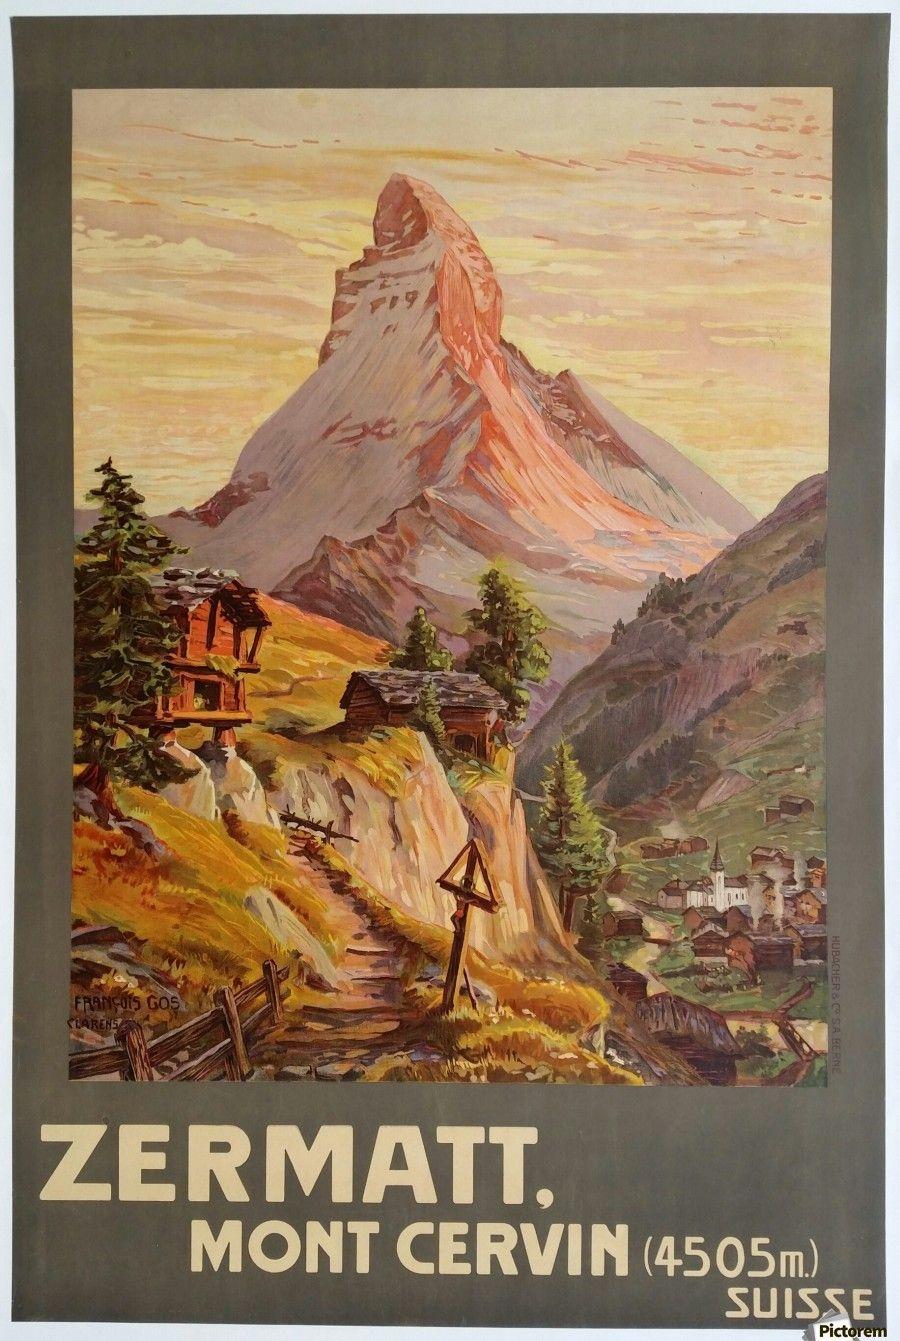 Suisse Zermatt Mont Cervin Travel Poster Vintage Poster Toile Artwork Travel Posters Travel Postcard Vintage Travel Posters